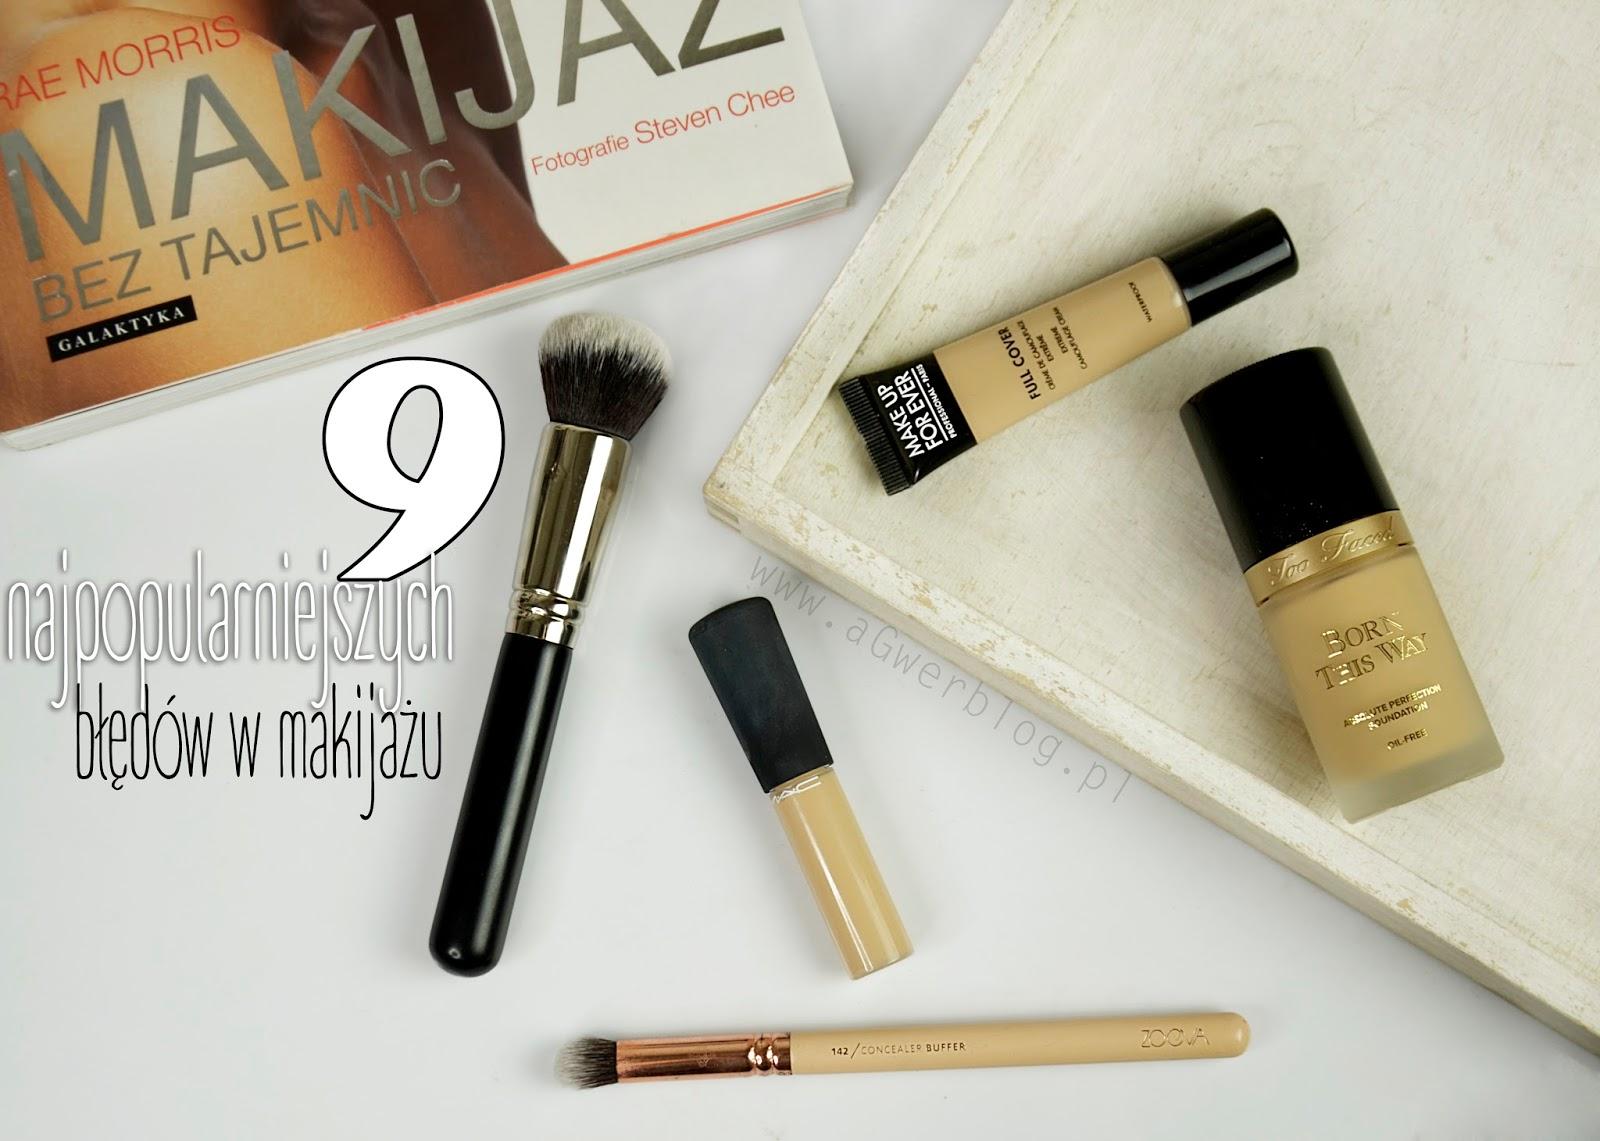 9 najpopularniejszych błędów w makijażu – jak sobie z nimi radzić